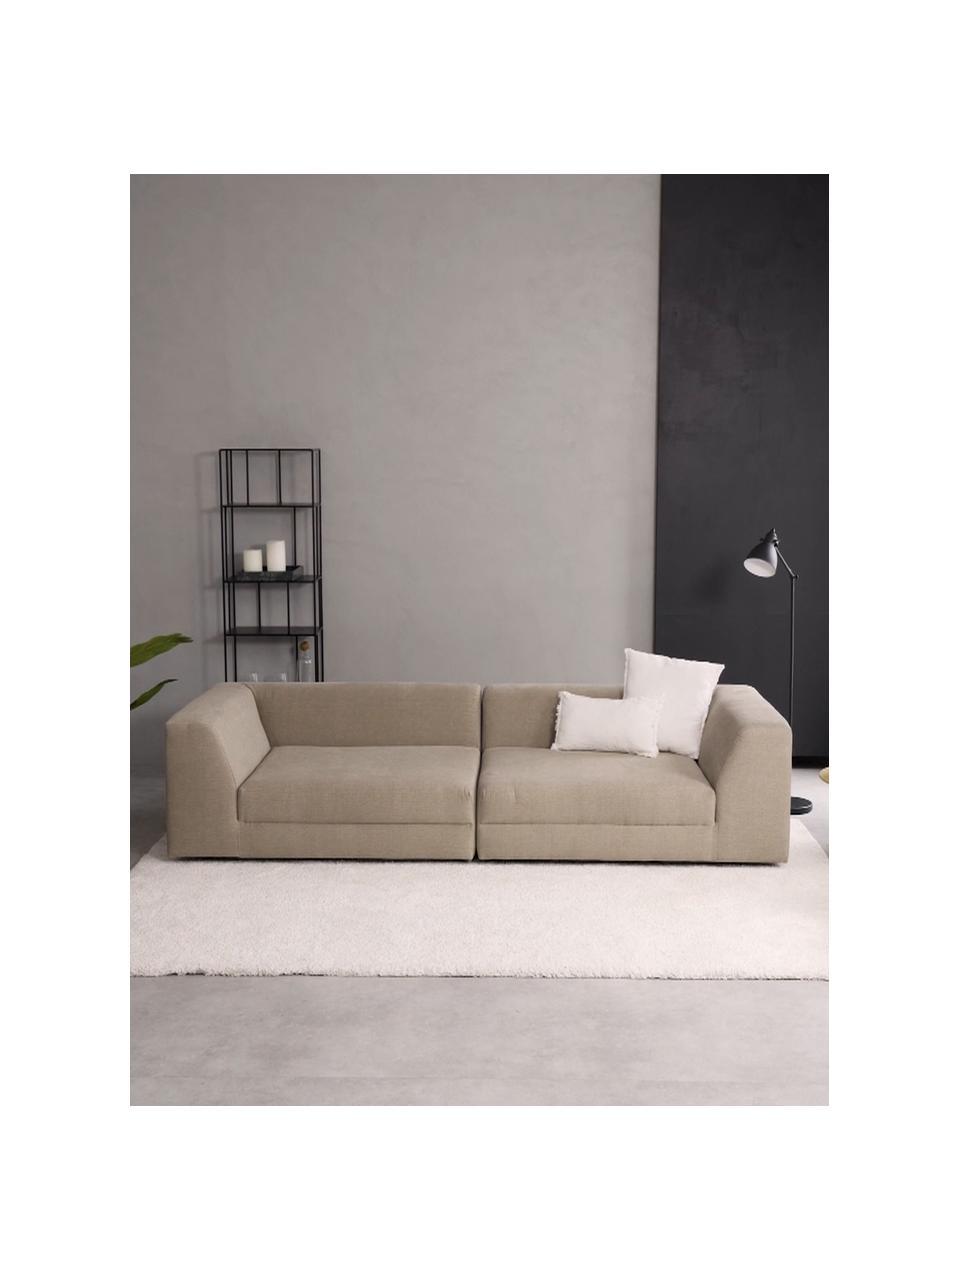 Sofa modułowa Grant (3-osobowa), Tapicerka: bawełna 20 000 cykli w te, Nogi: lite drewno bukowe, lakie, Taupe, S 266 x G 106 cm